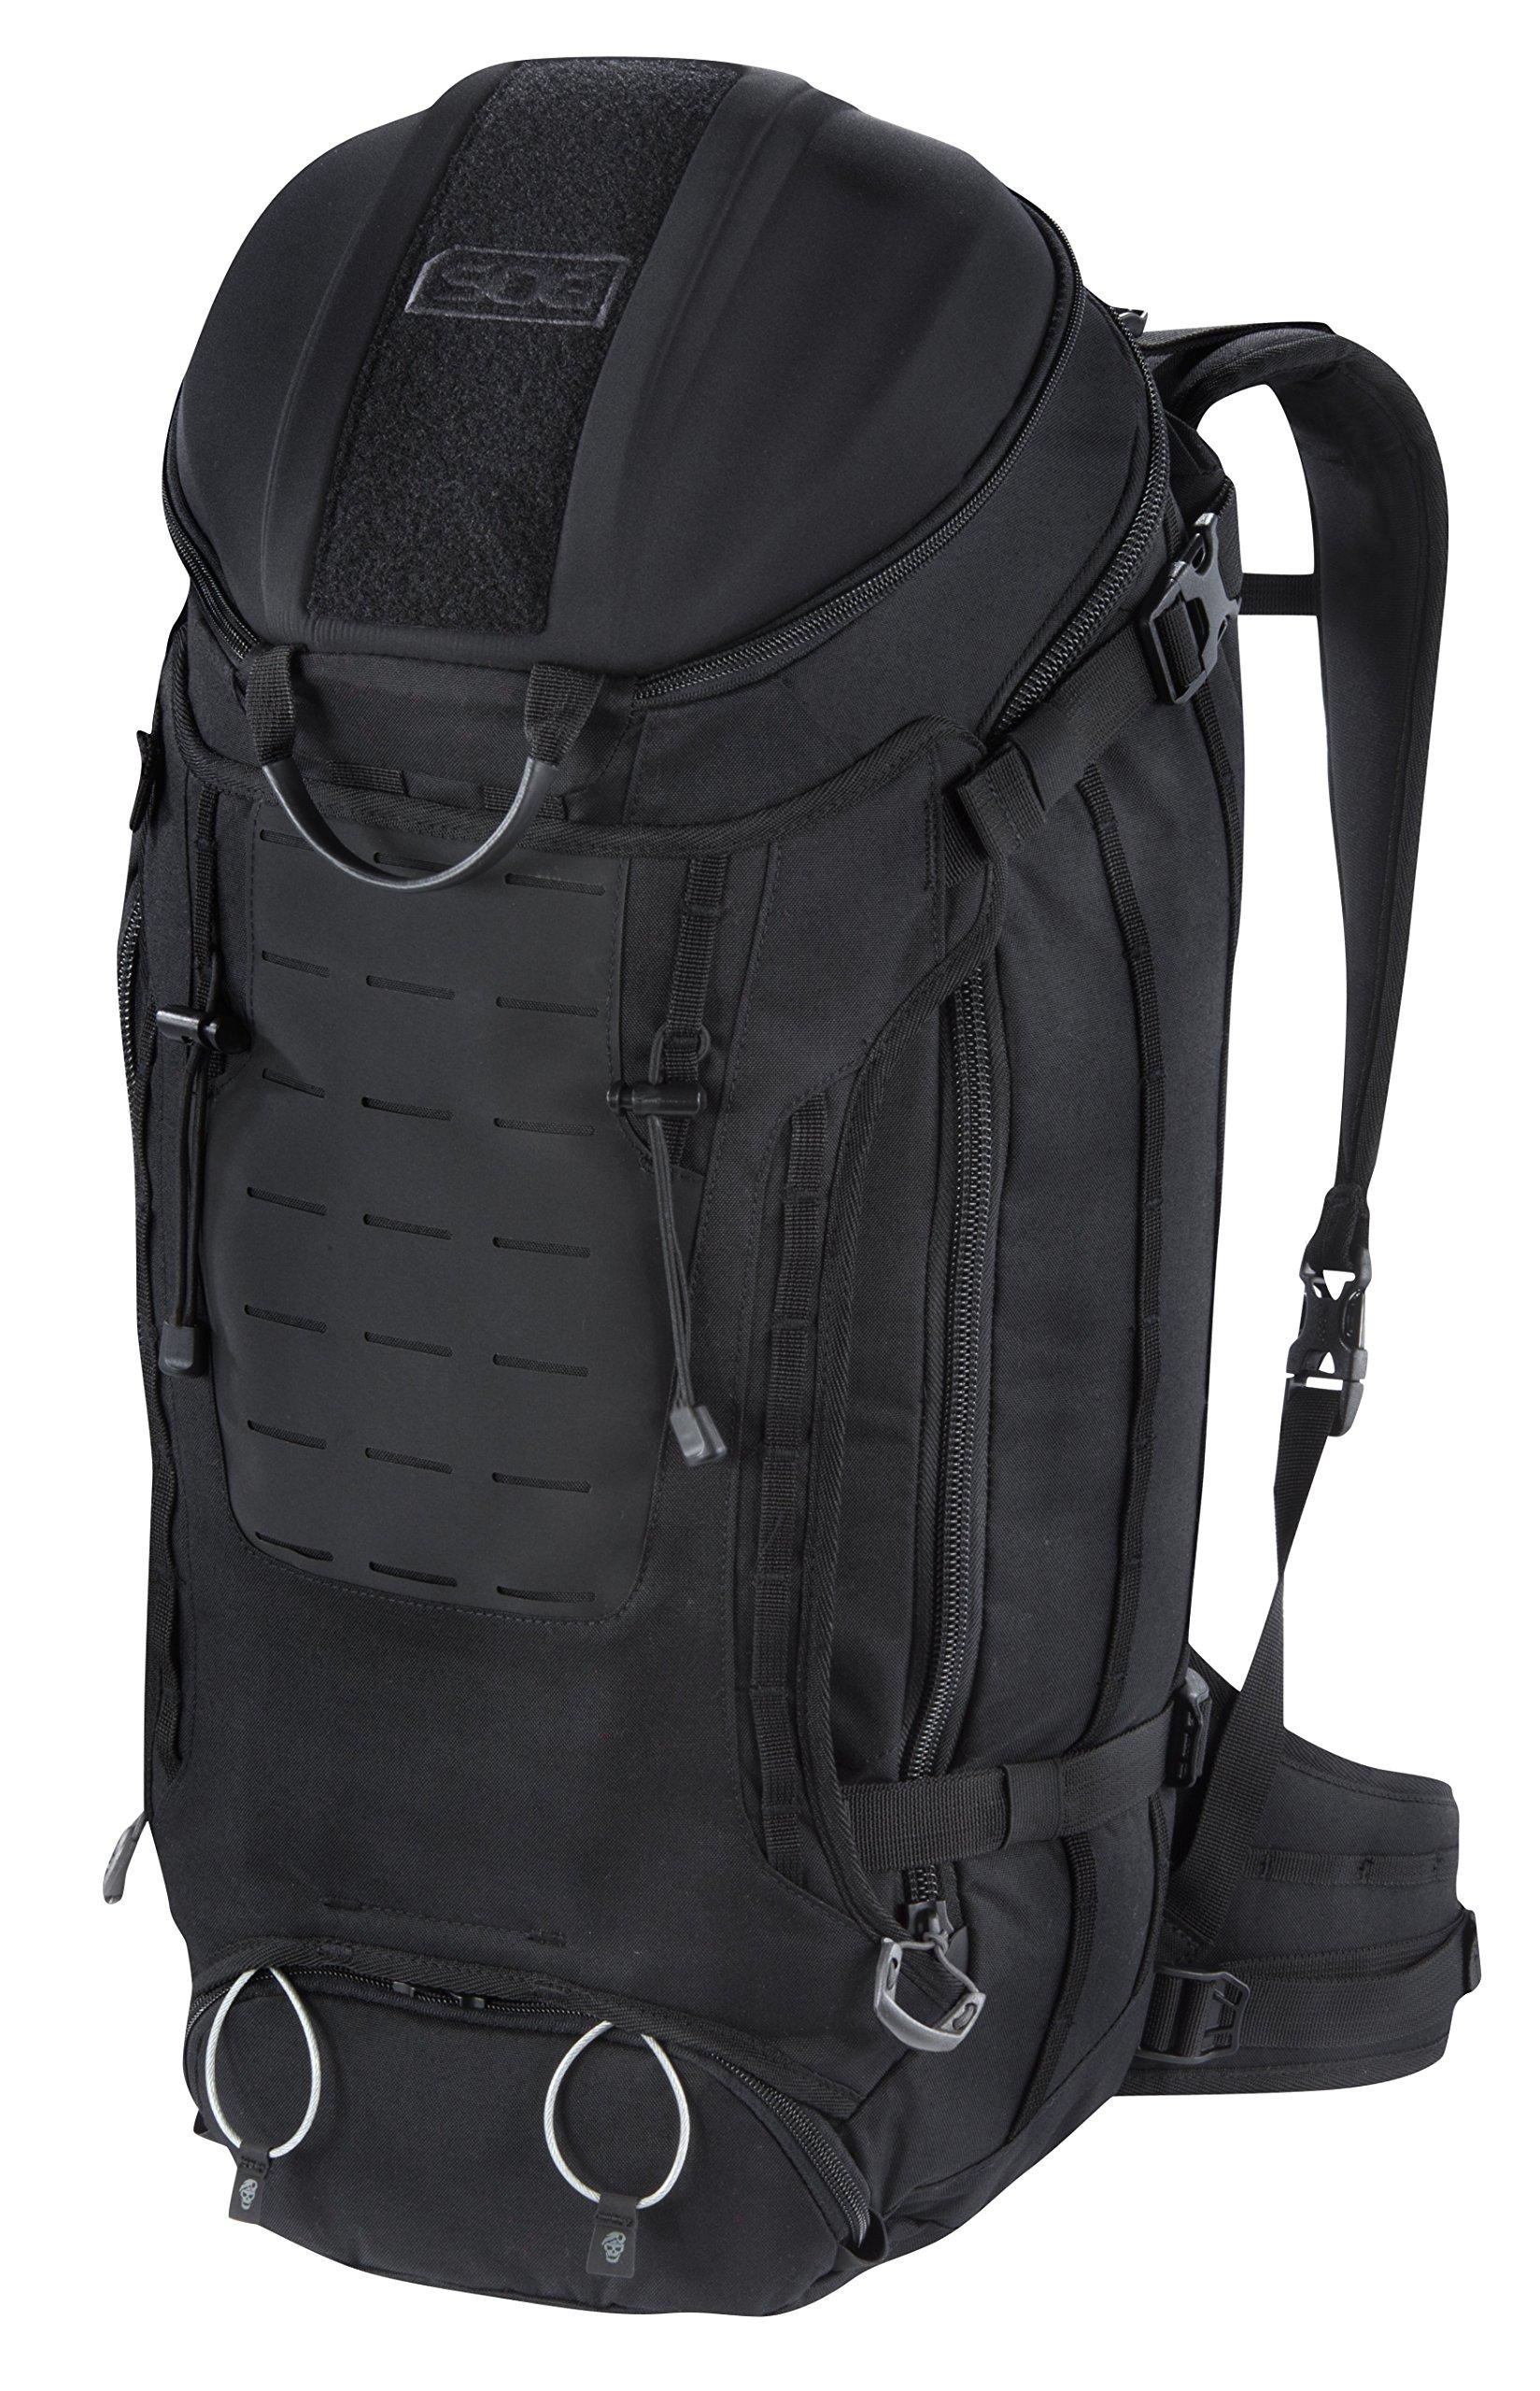 SOG Seraphim Backpack CP1006B Black, 35 L by SOG (Image #1)